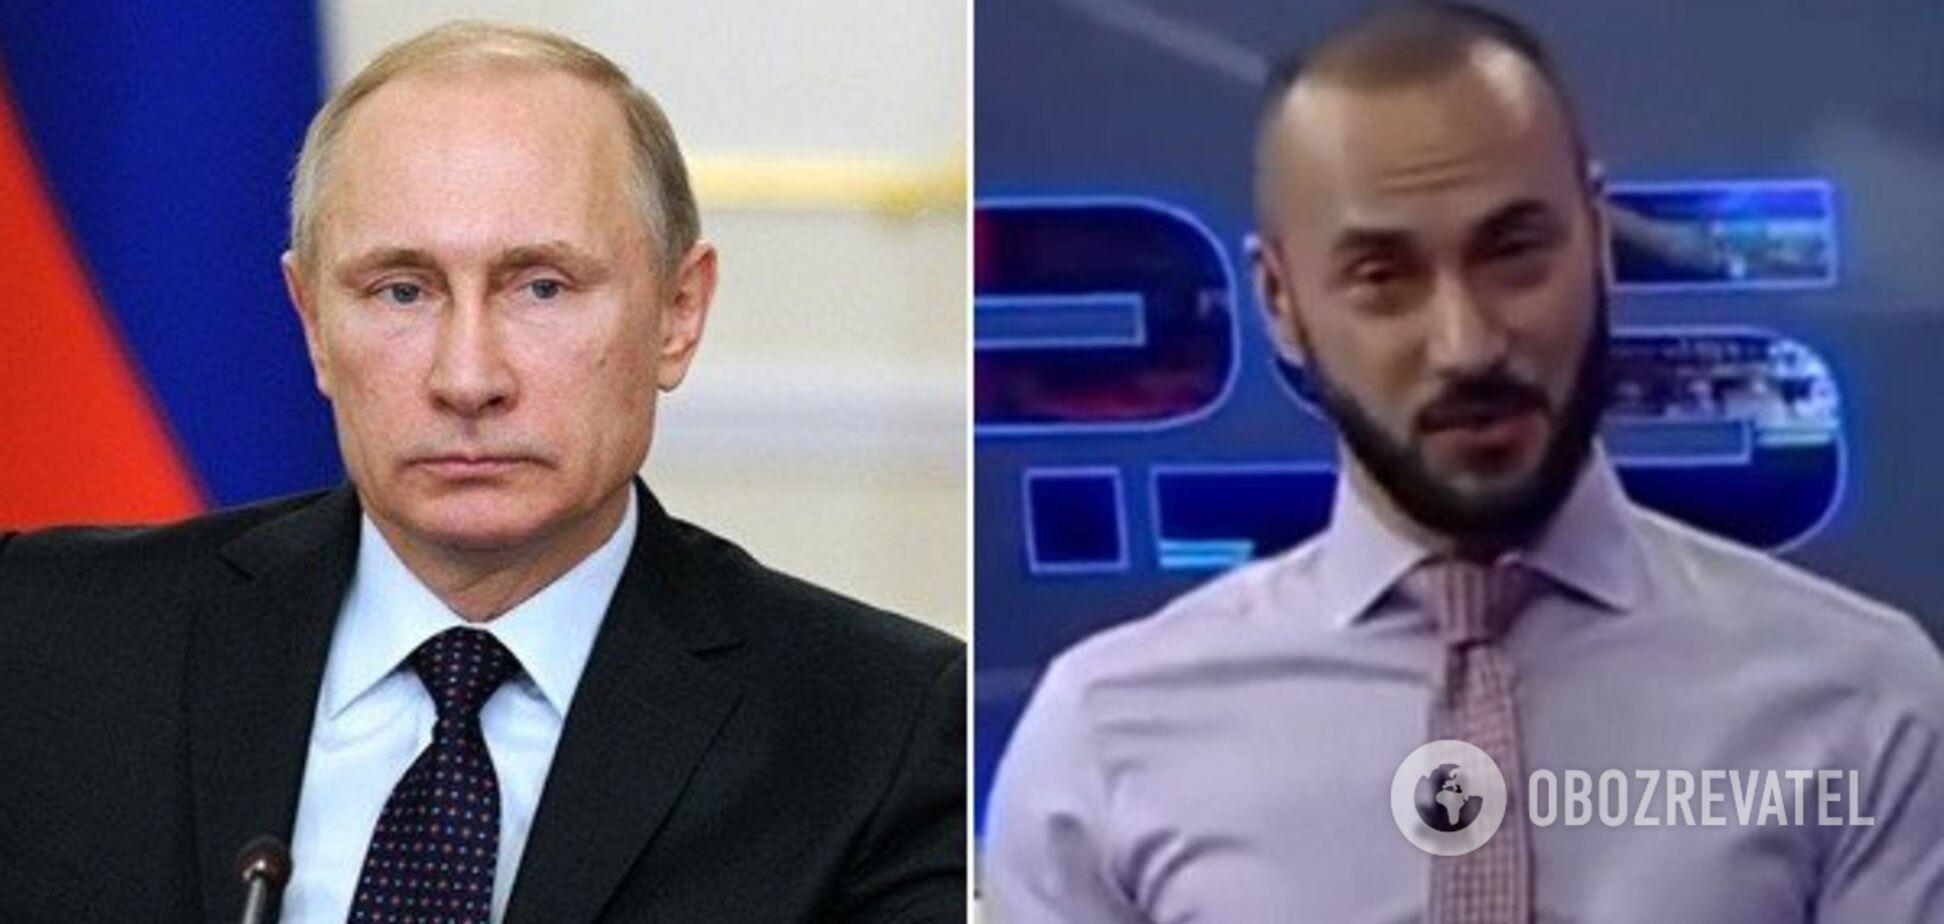 На журналиста Габунию, который нецензурно обругал Путина, планировали покушение: Украина помогла избежать преступления